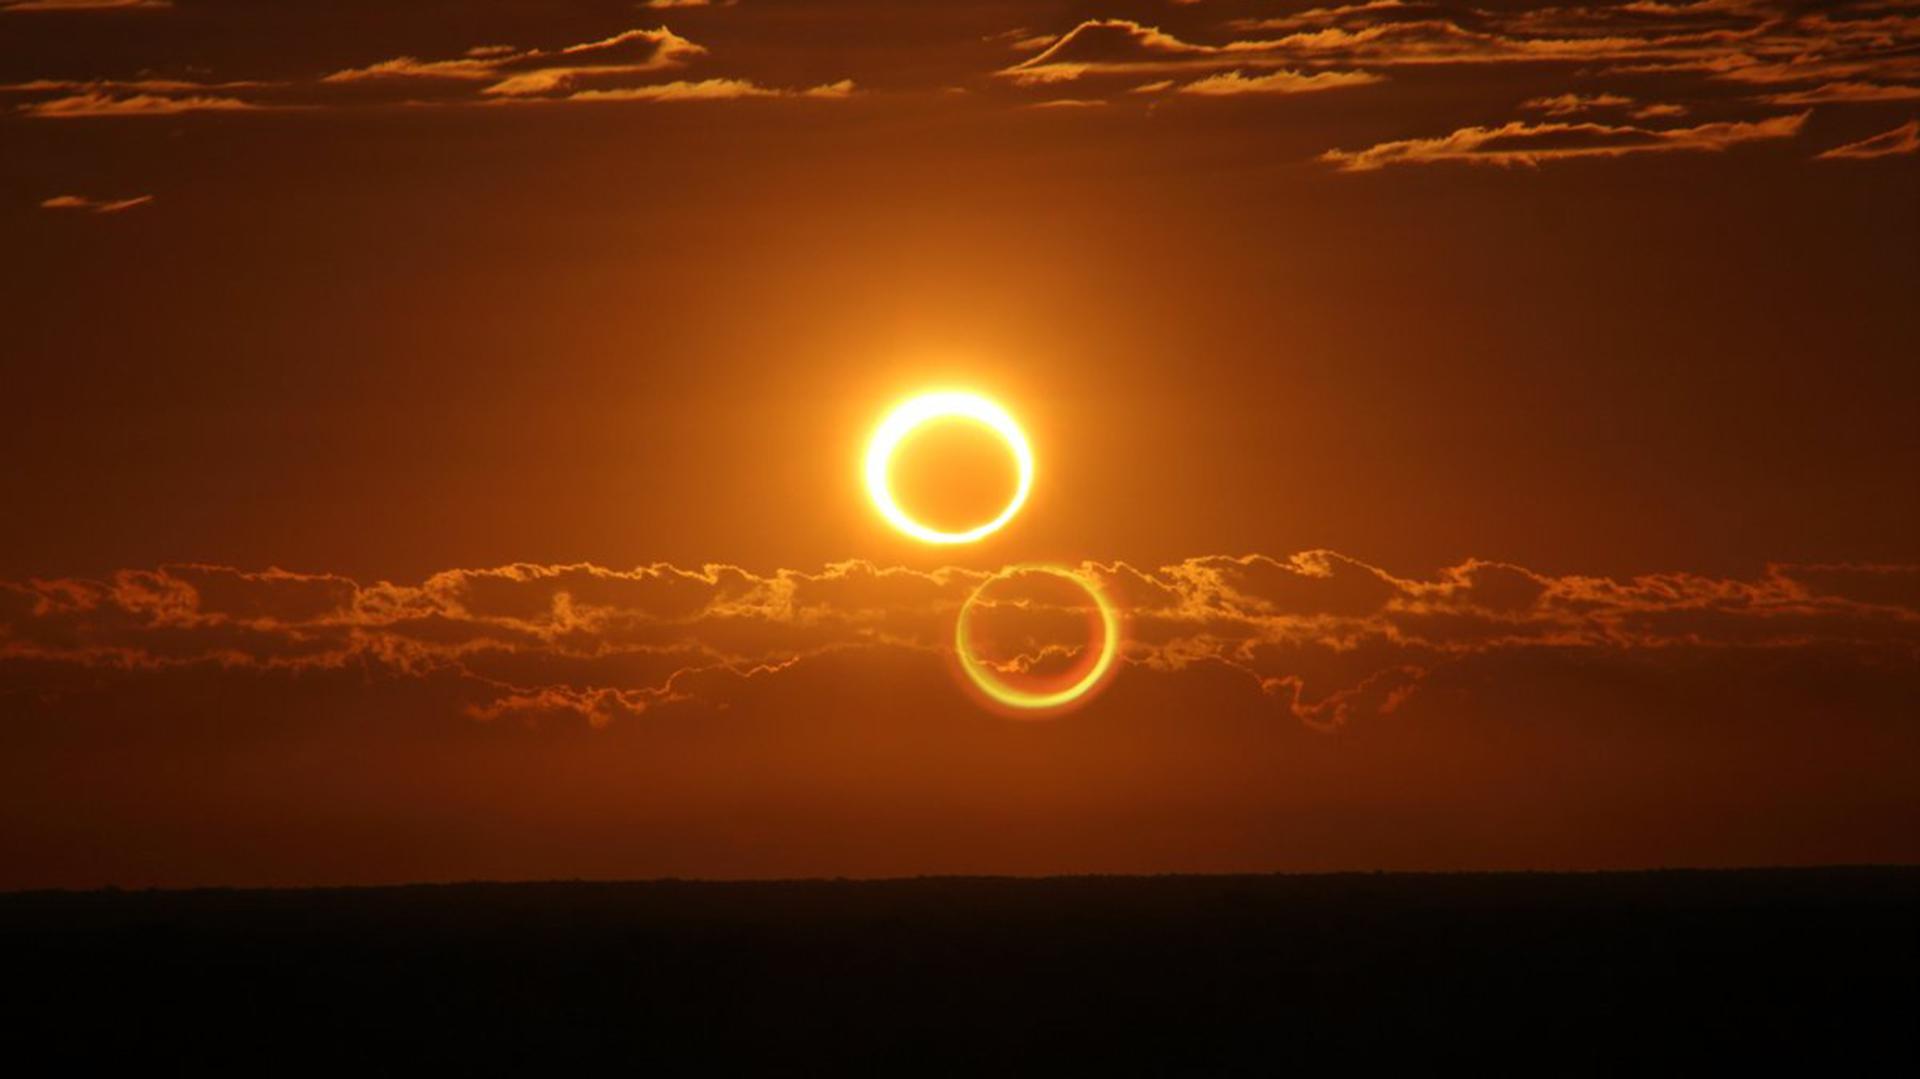 El uso de aplicaciones específicas que podrás descargar de forma gratuita en tu teléfono te permitirá tomar mejores fotos y localizarte en el sitio idealparaver el eclipse (@Min_Ciencia)